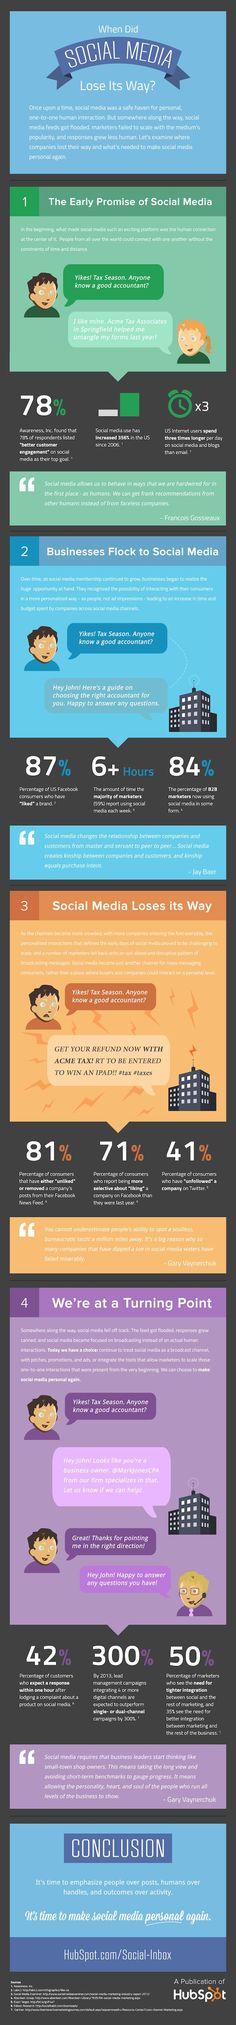 Let's make social media personal again!